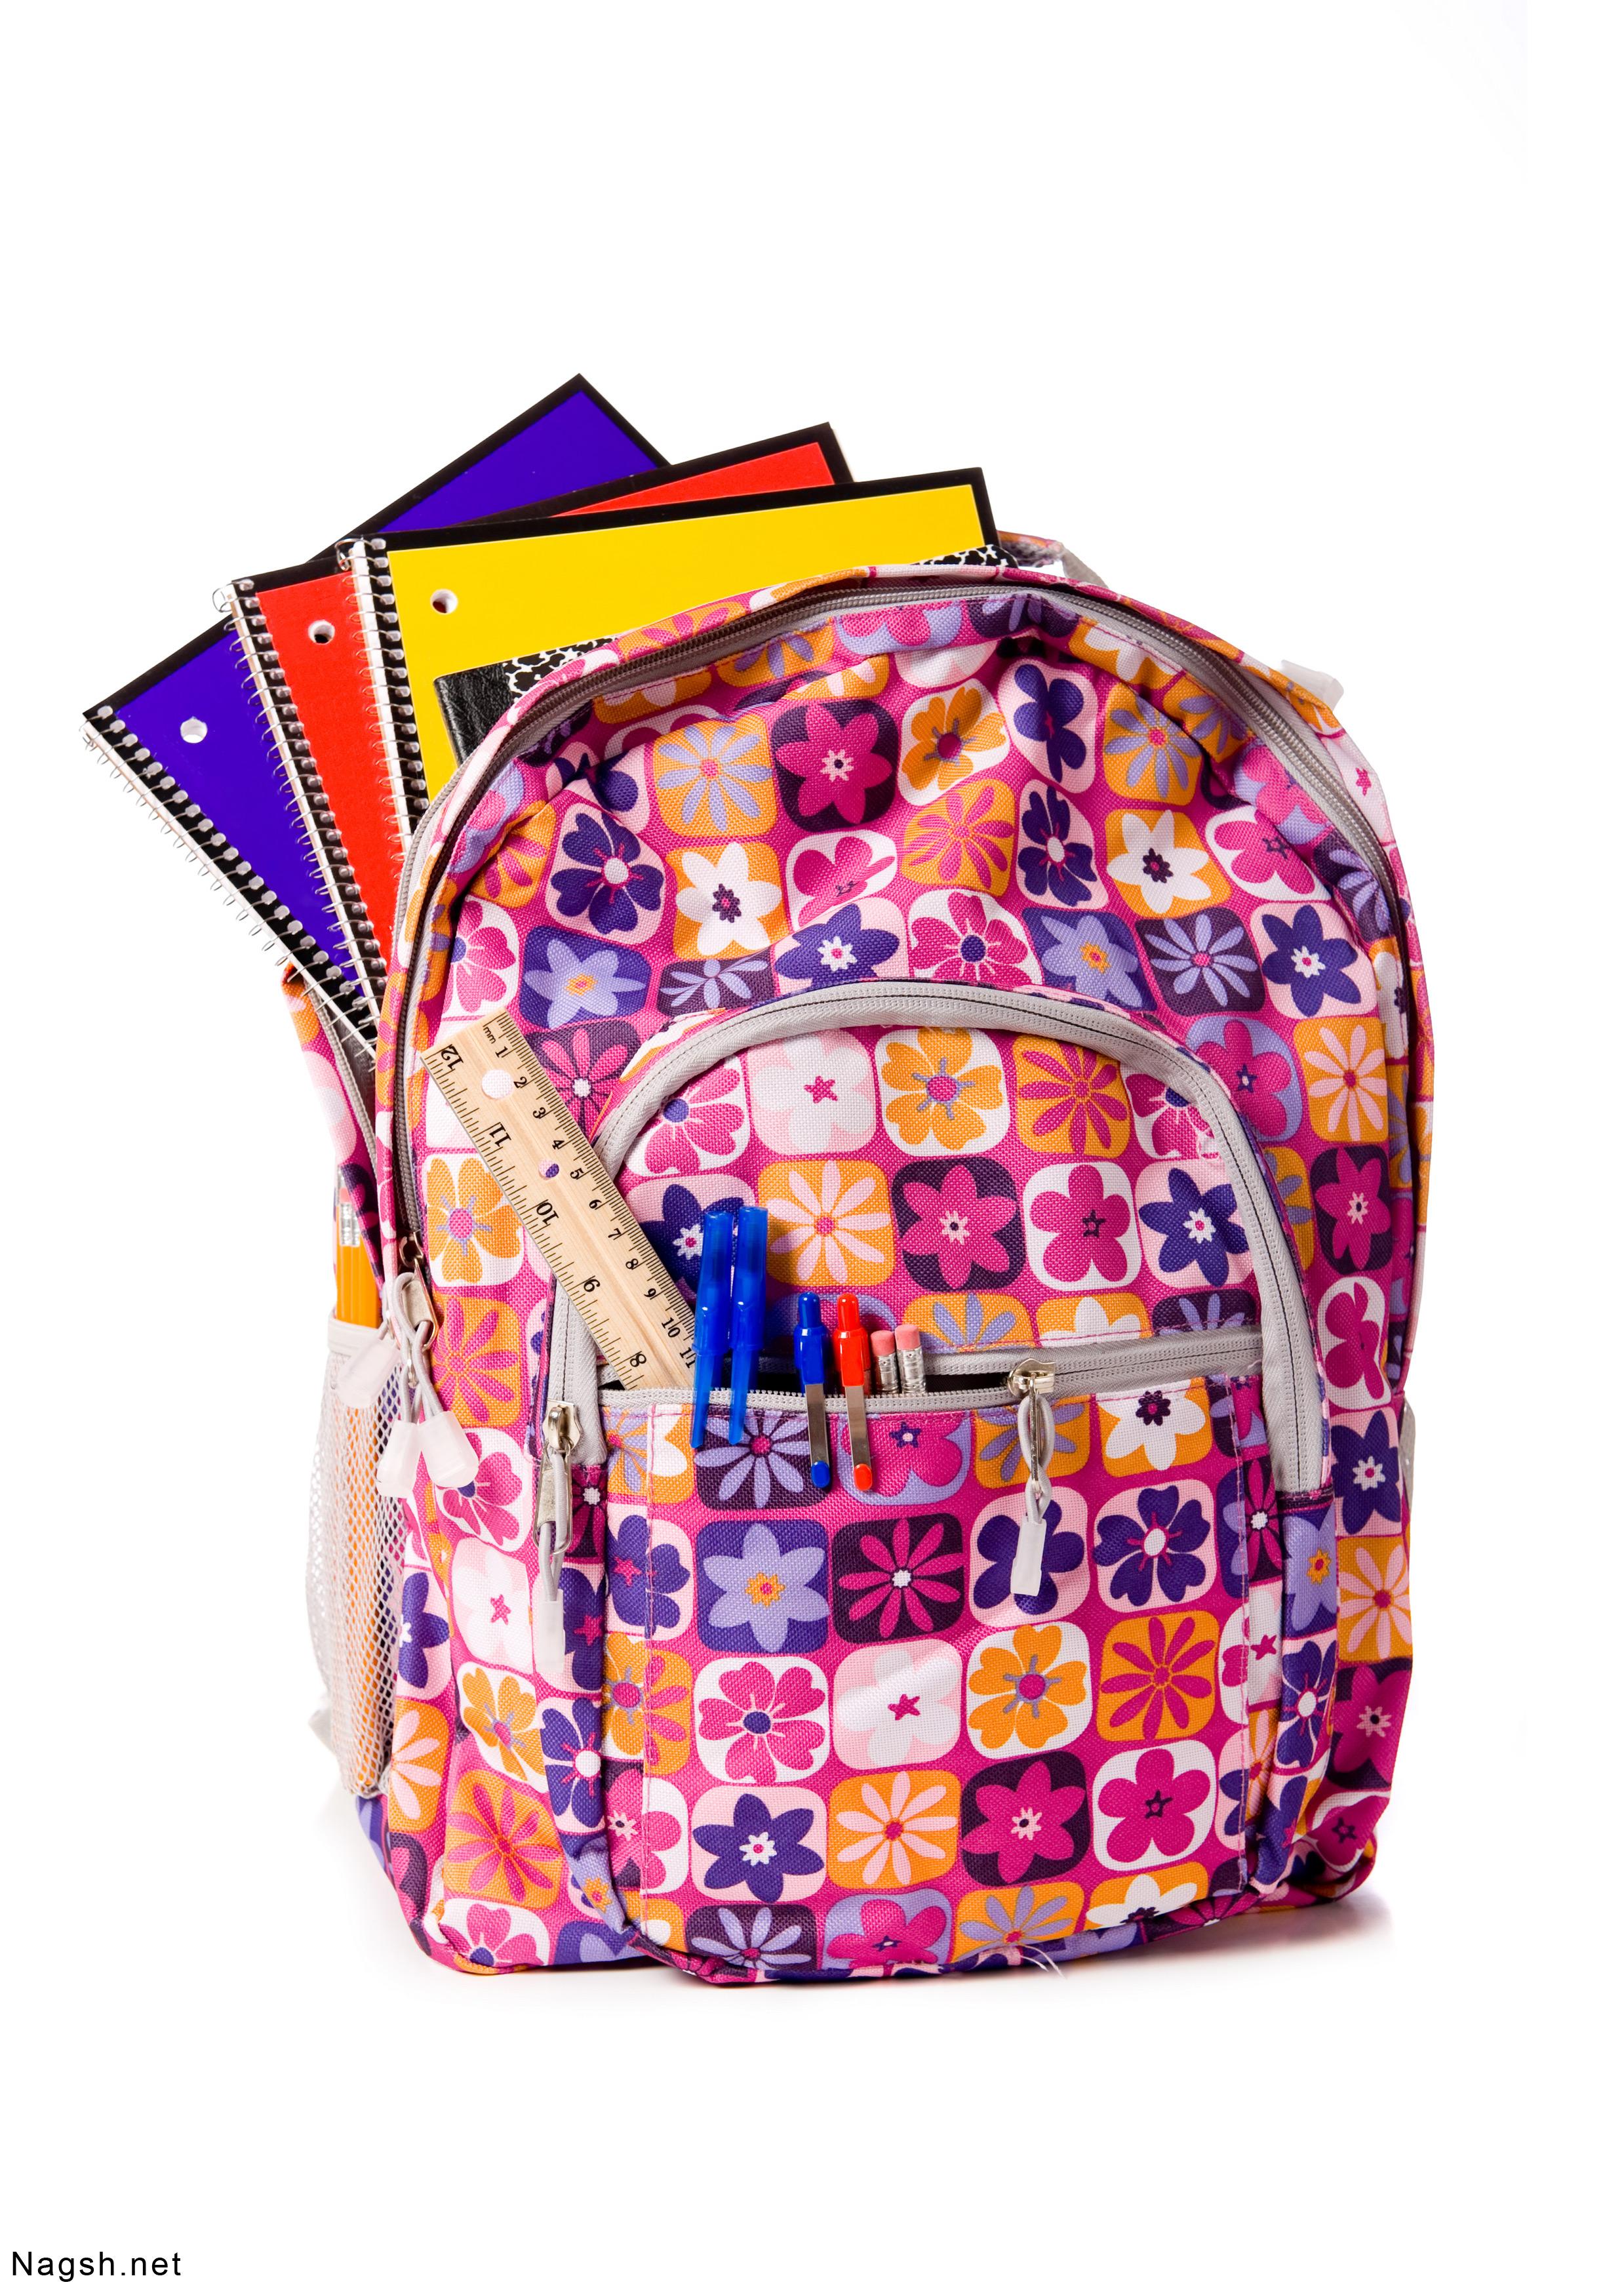 کیف مدرسه زیبا